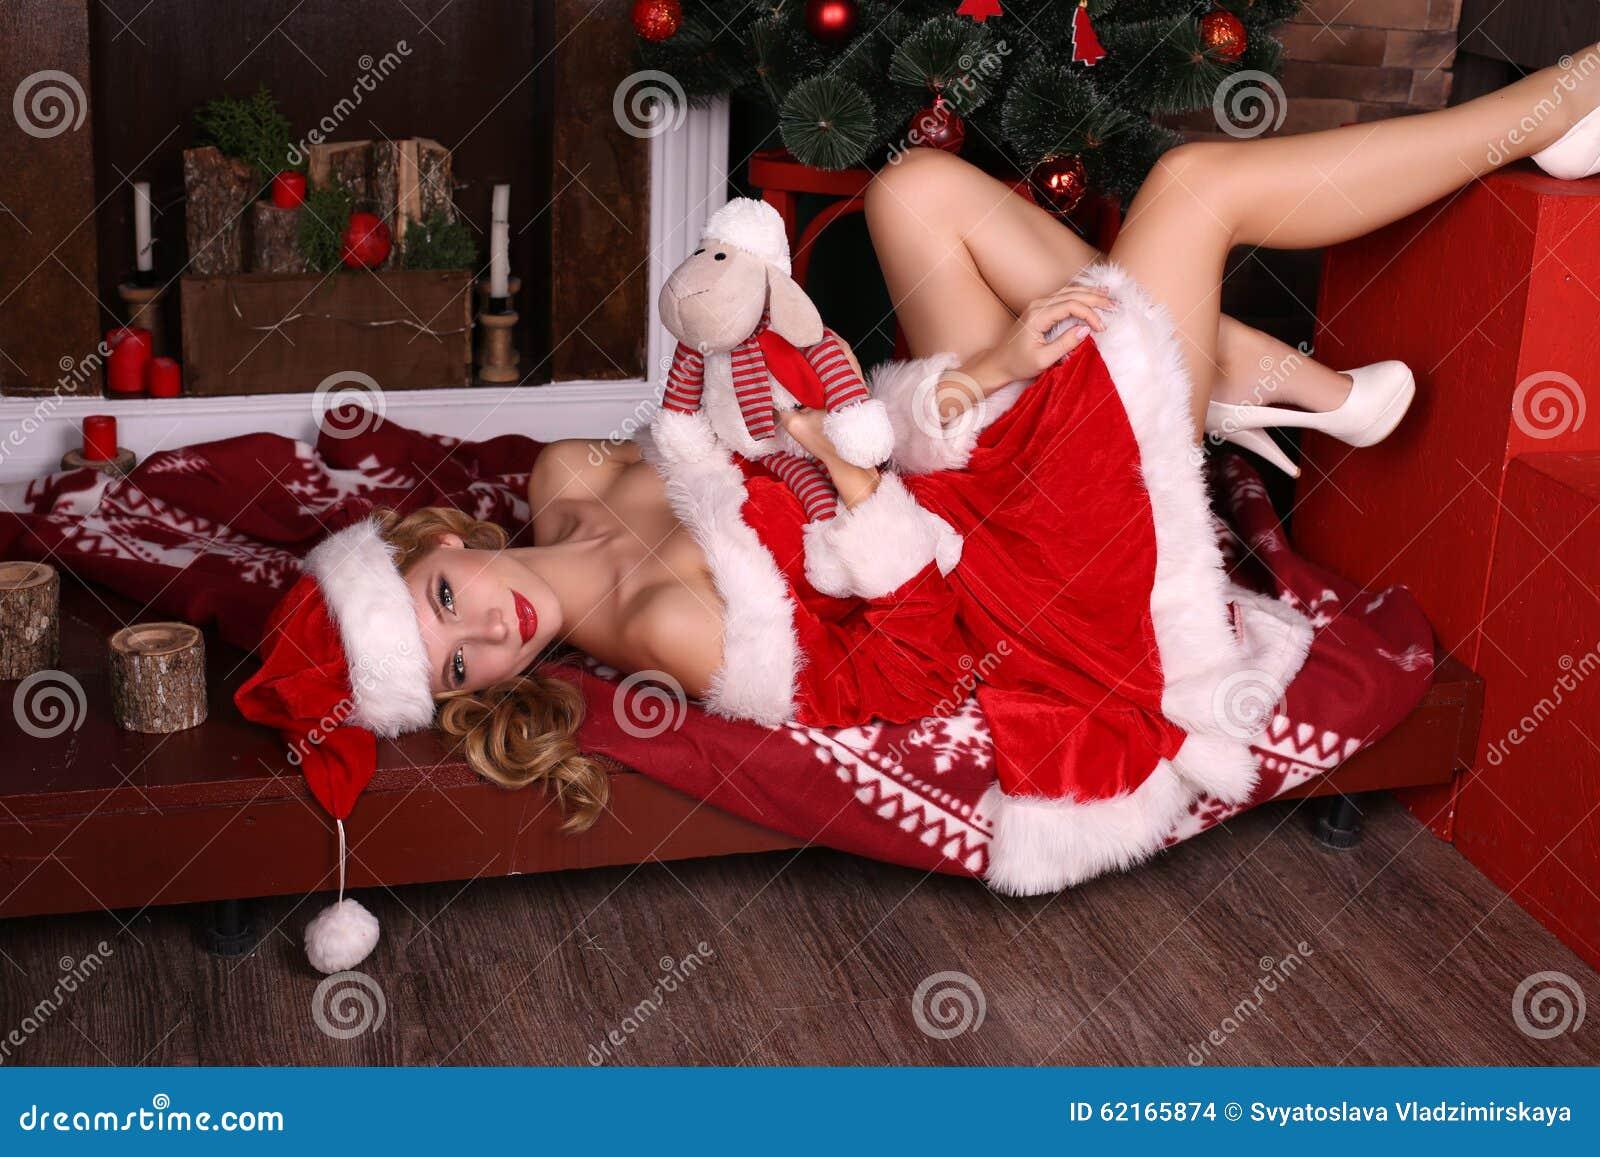 Den sexiga blonda flickan i jultomten kostymerar att posera med julklappar